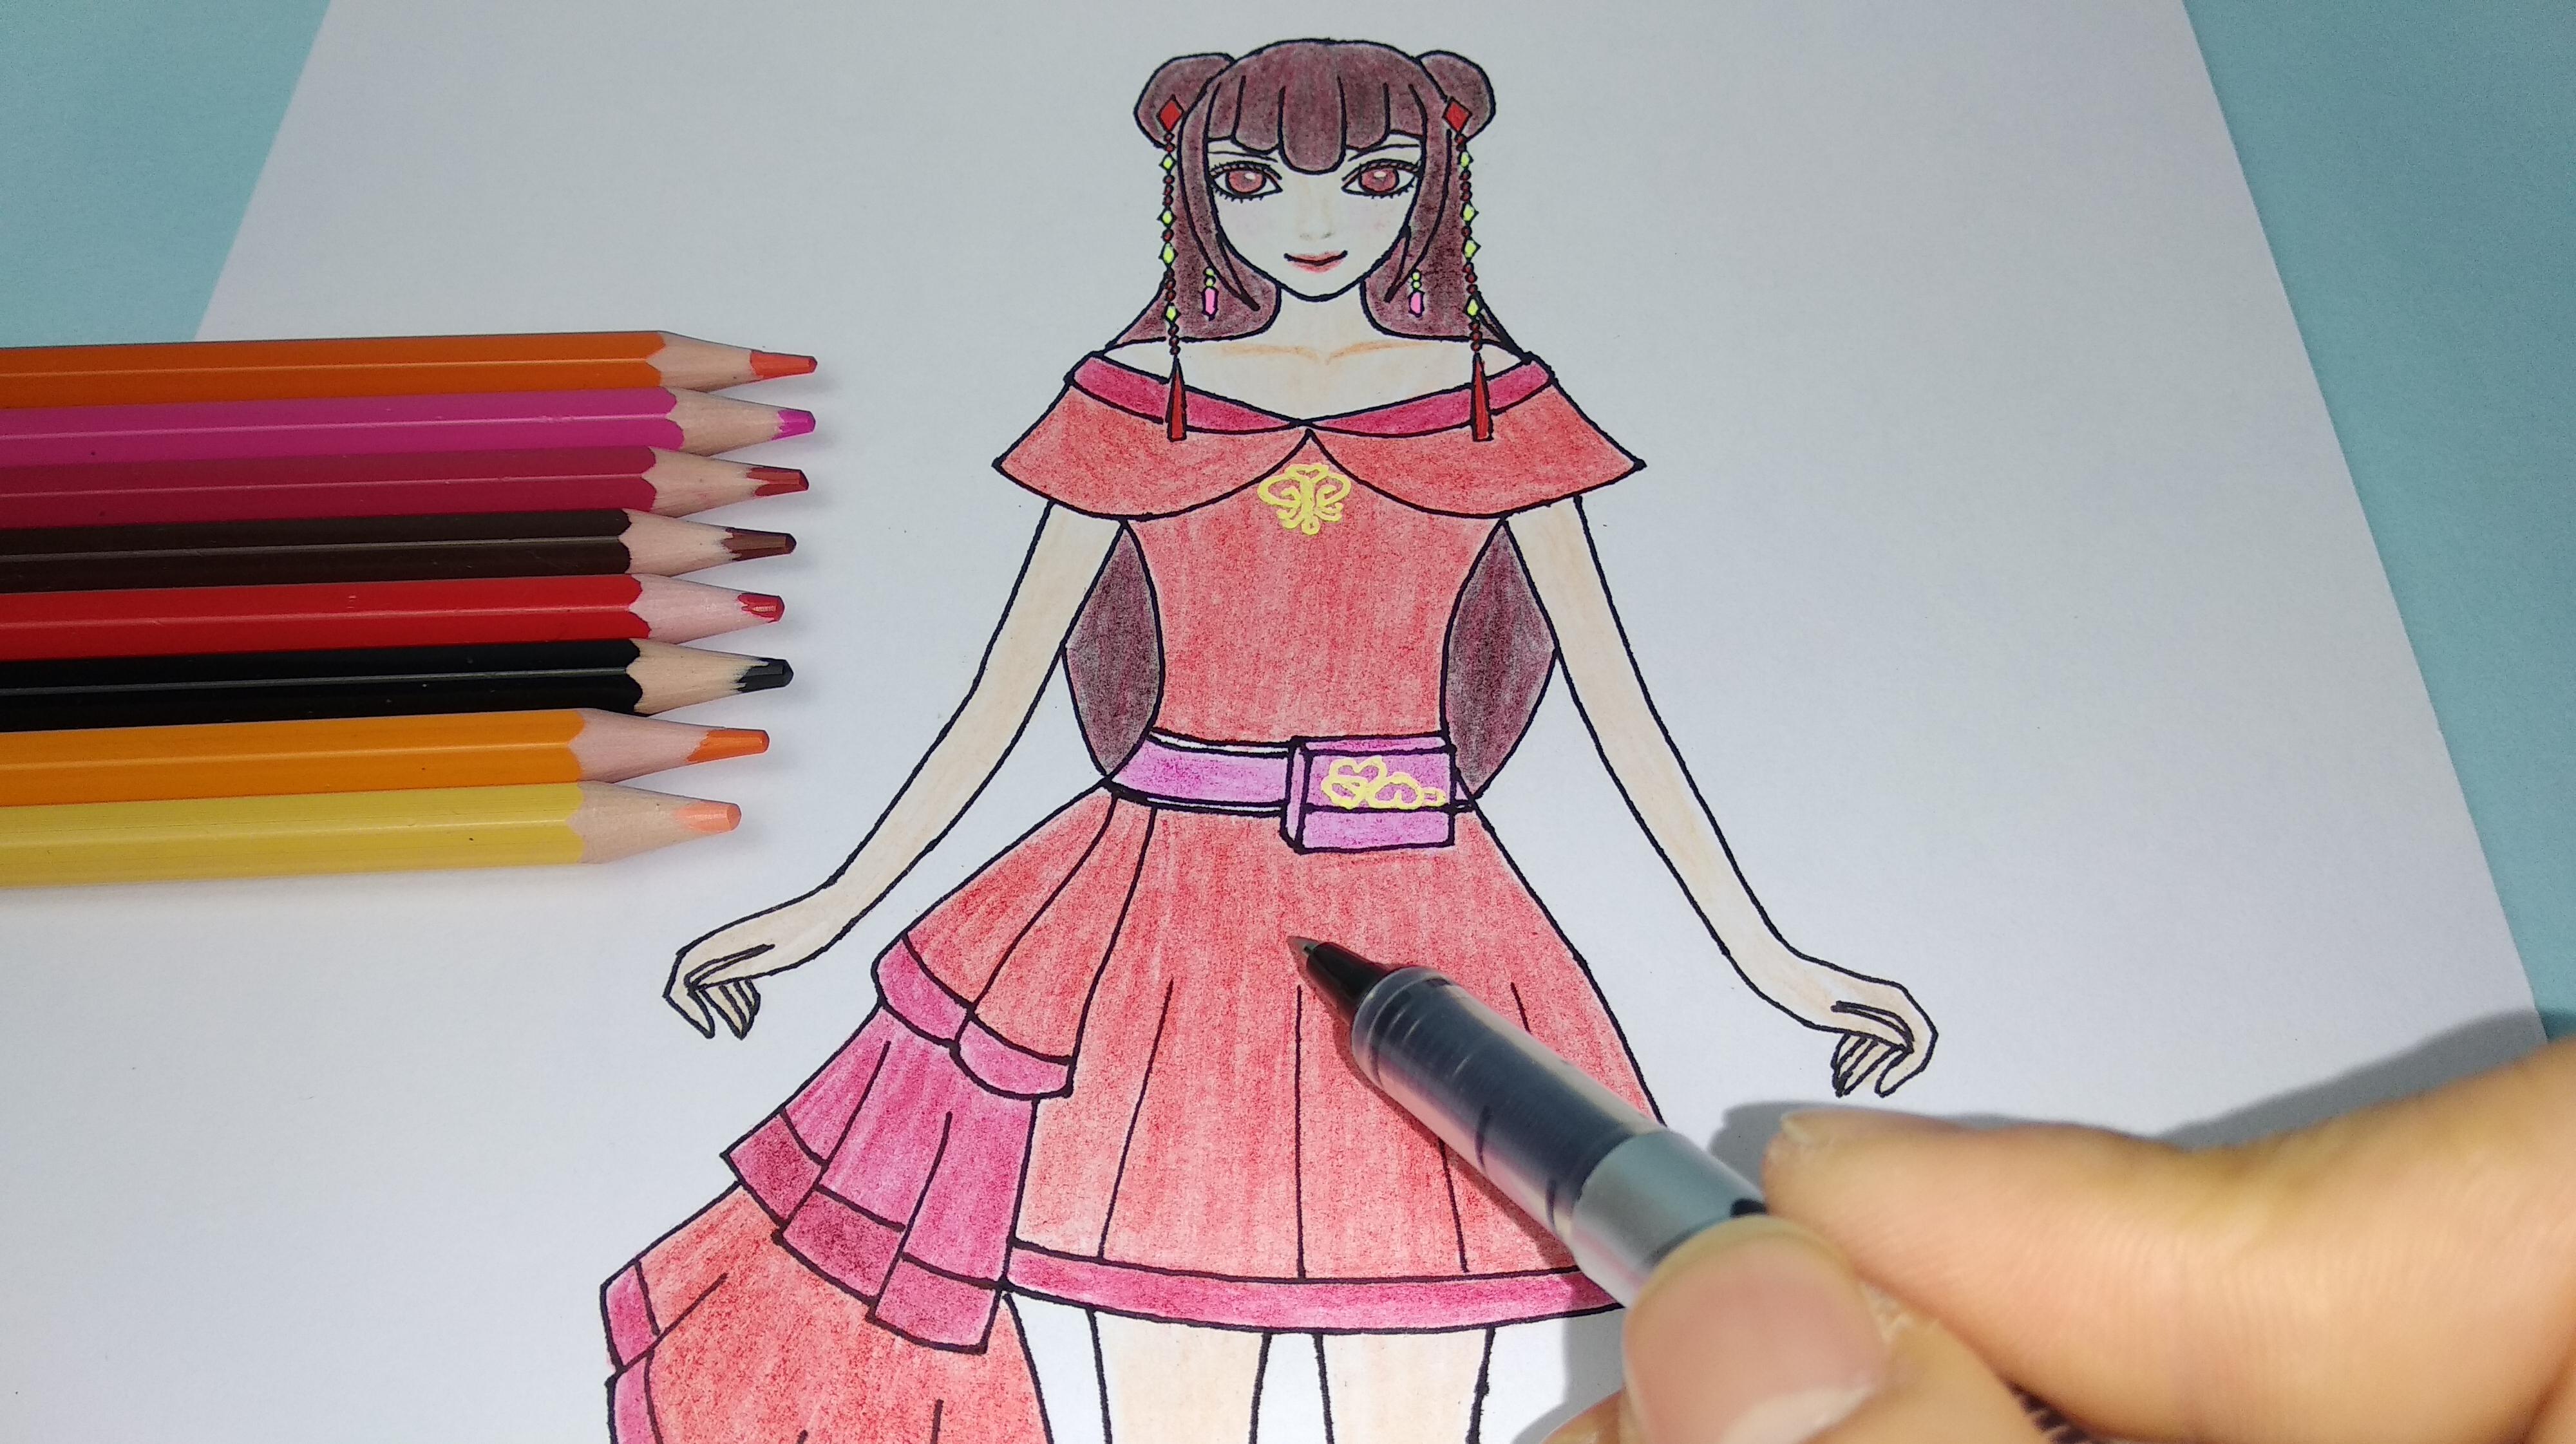 精灵梦叶罗丽仙子齐娜简笔画,小朋友都很喜欢图片